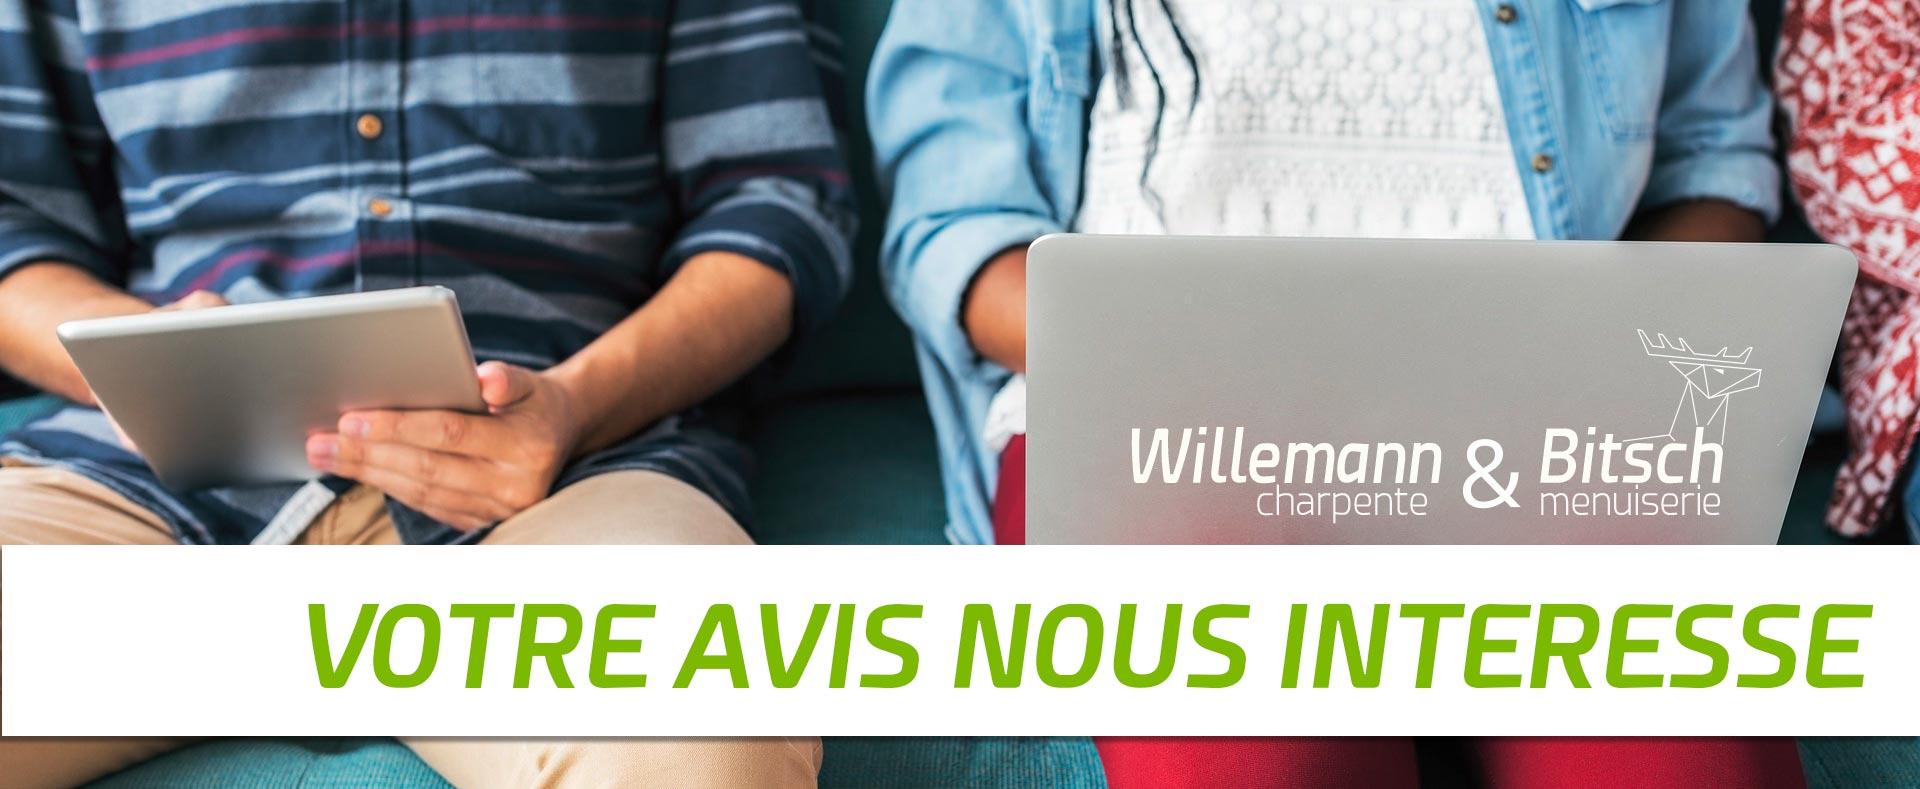 amis-connexion-pause-navigation-internet-site-lien